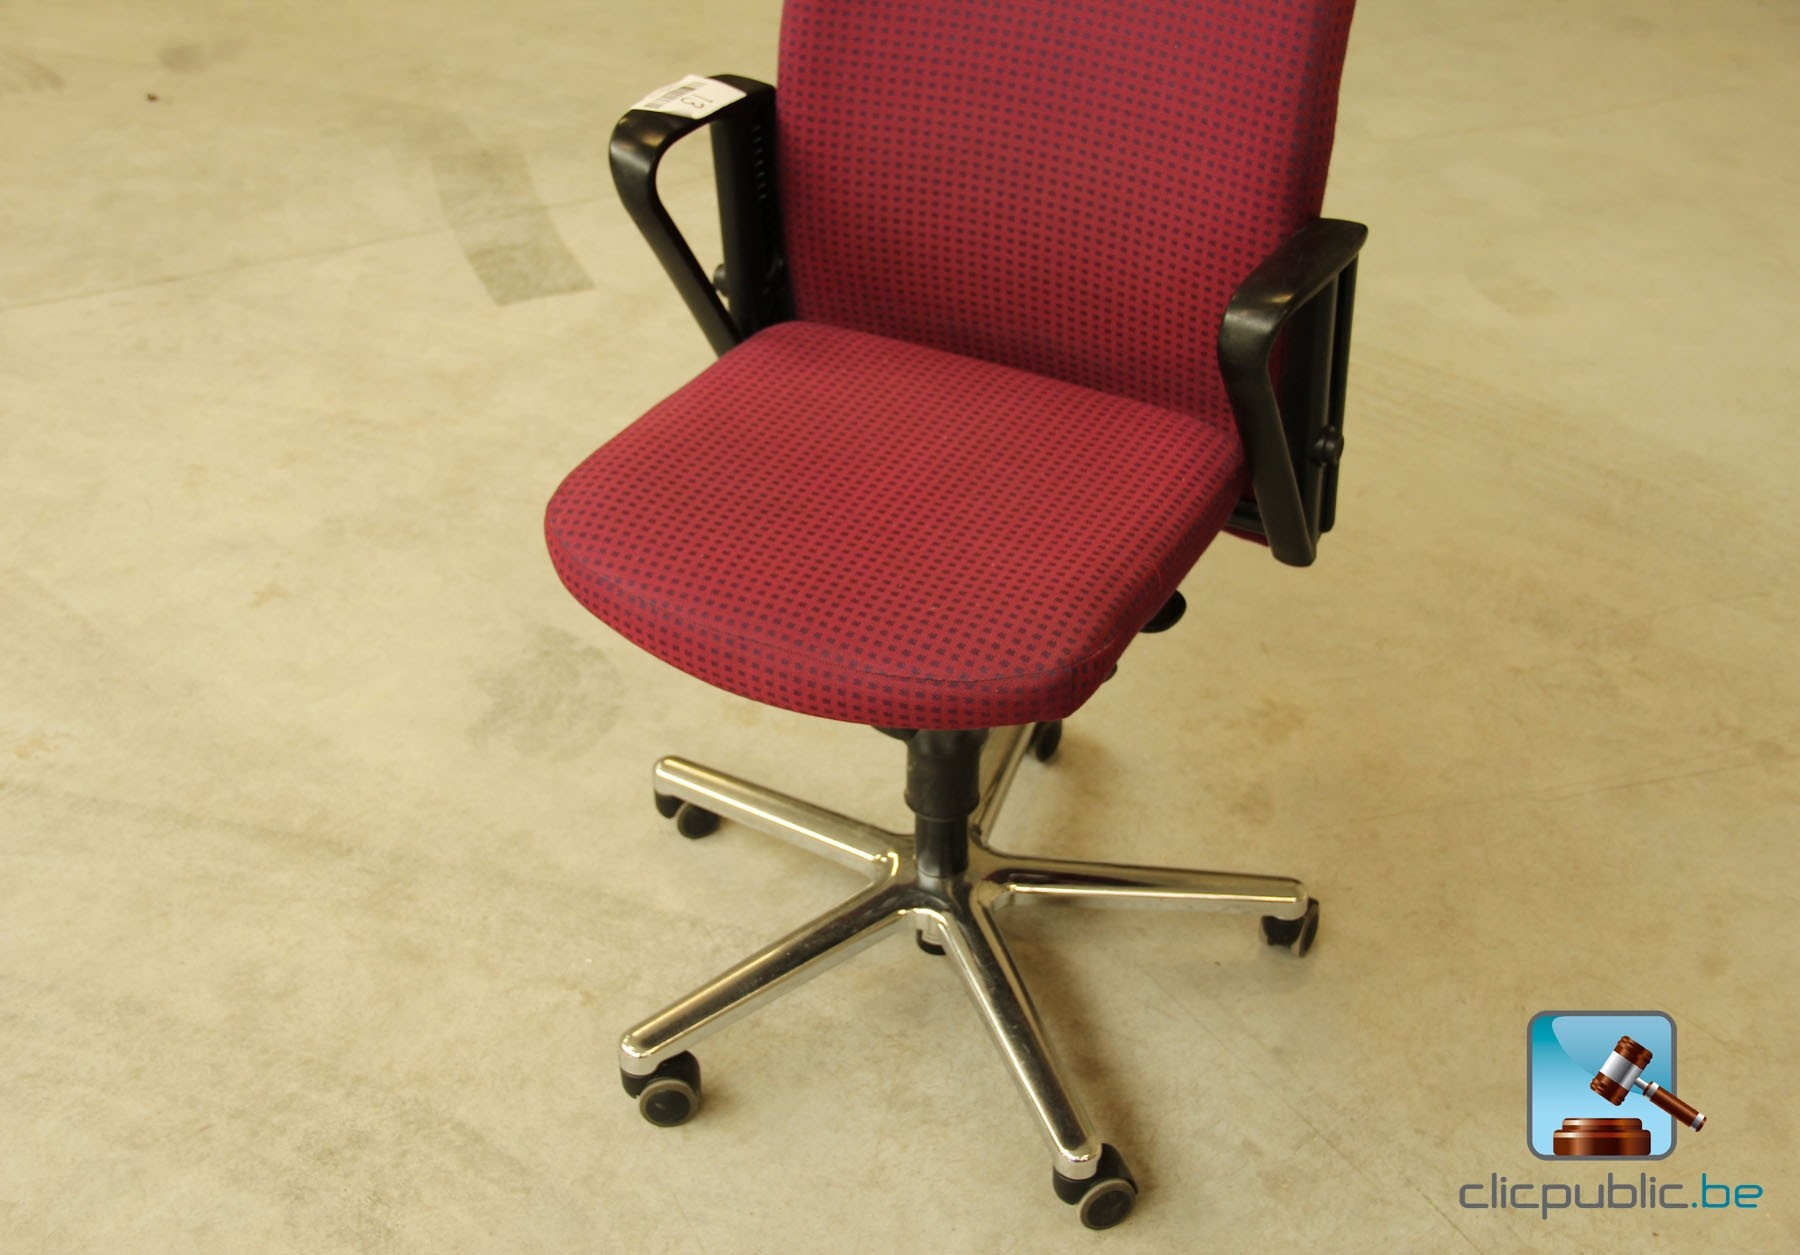 chaise de bureau rouge 302 found chaise de bureau. Black Bedroom Furniture Sets. Home Design Ideas